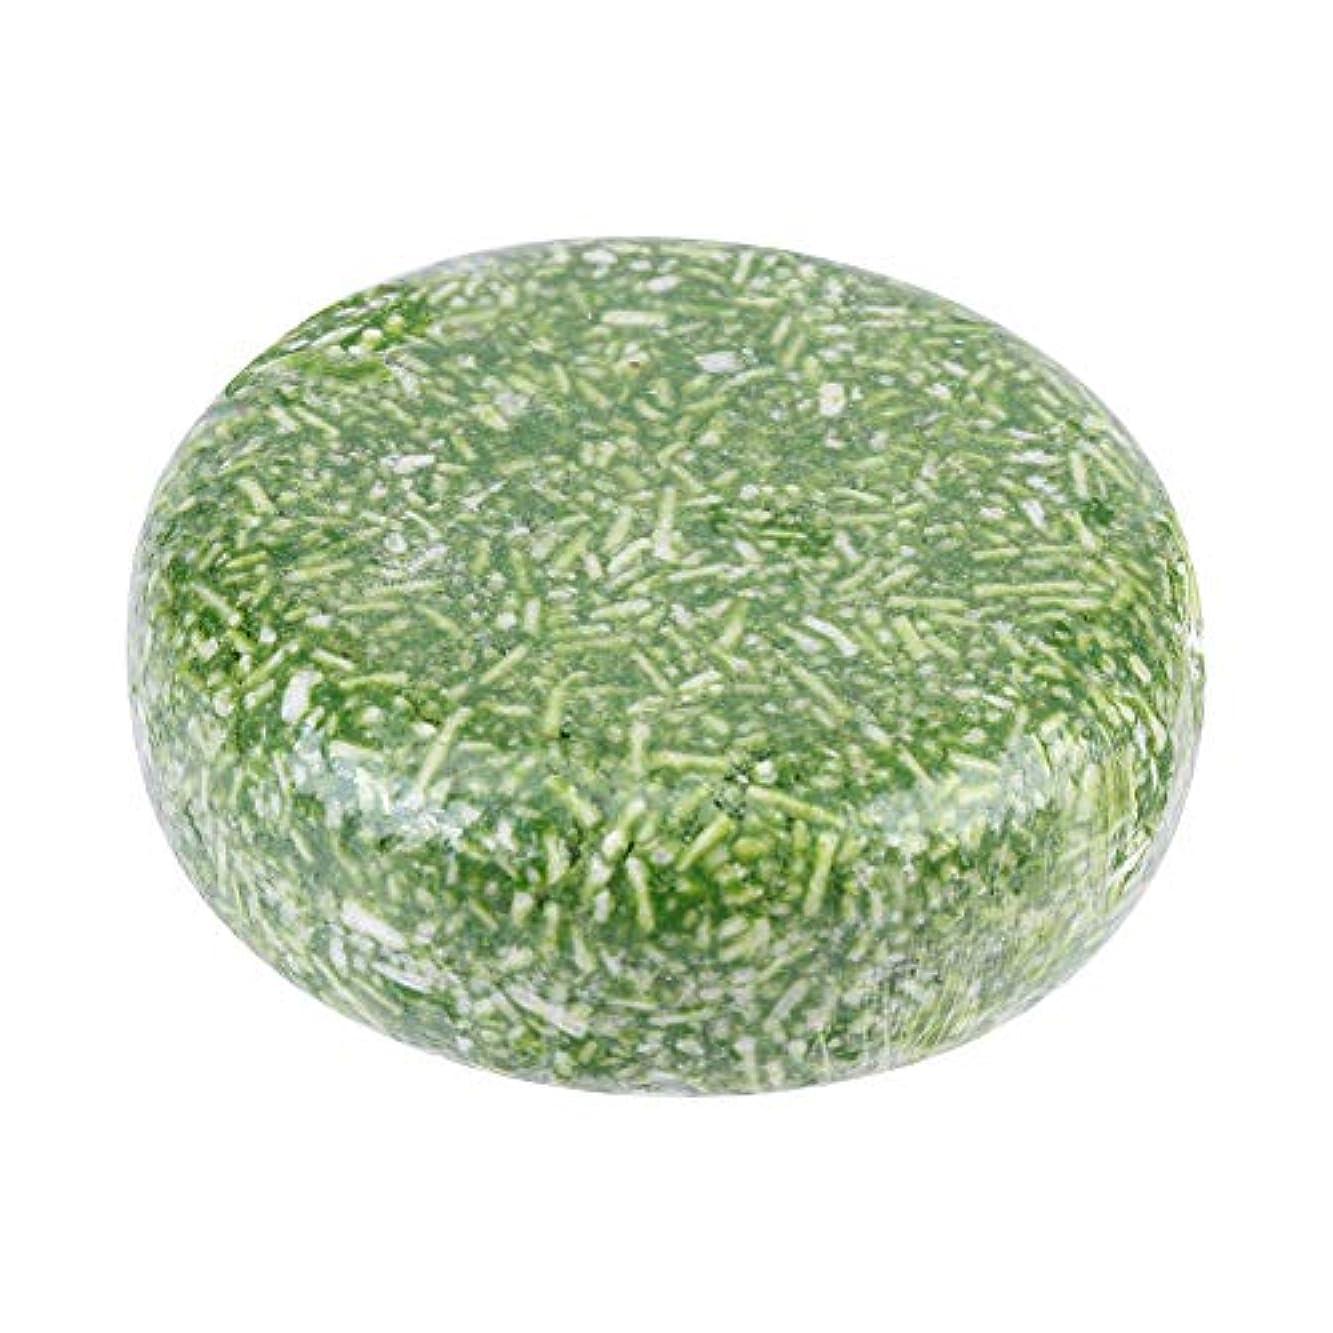 注ぎますリース例示するオーガニック手作り冷たいシナモンシャンプーバー100%ピュアヘアシャンプー(グリーン)